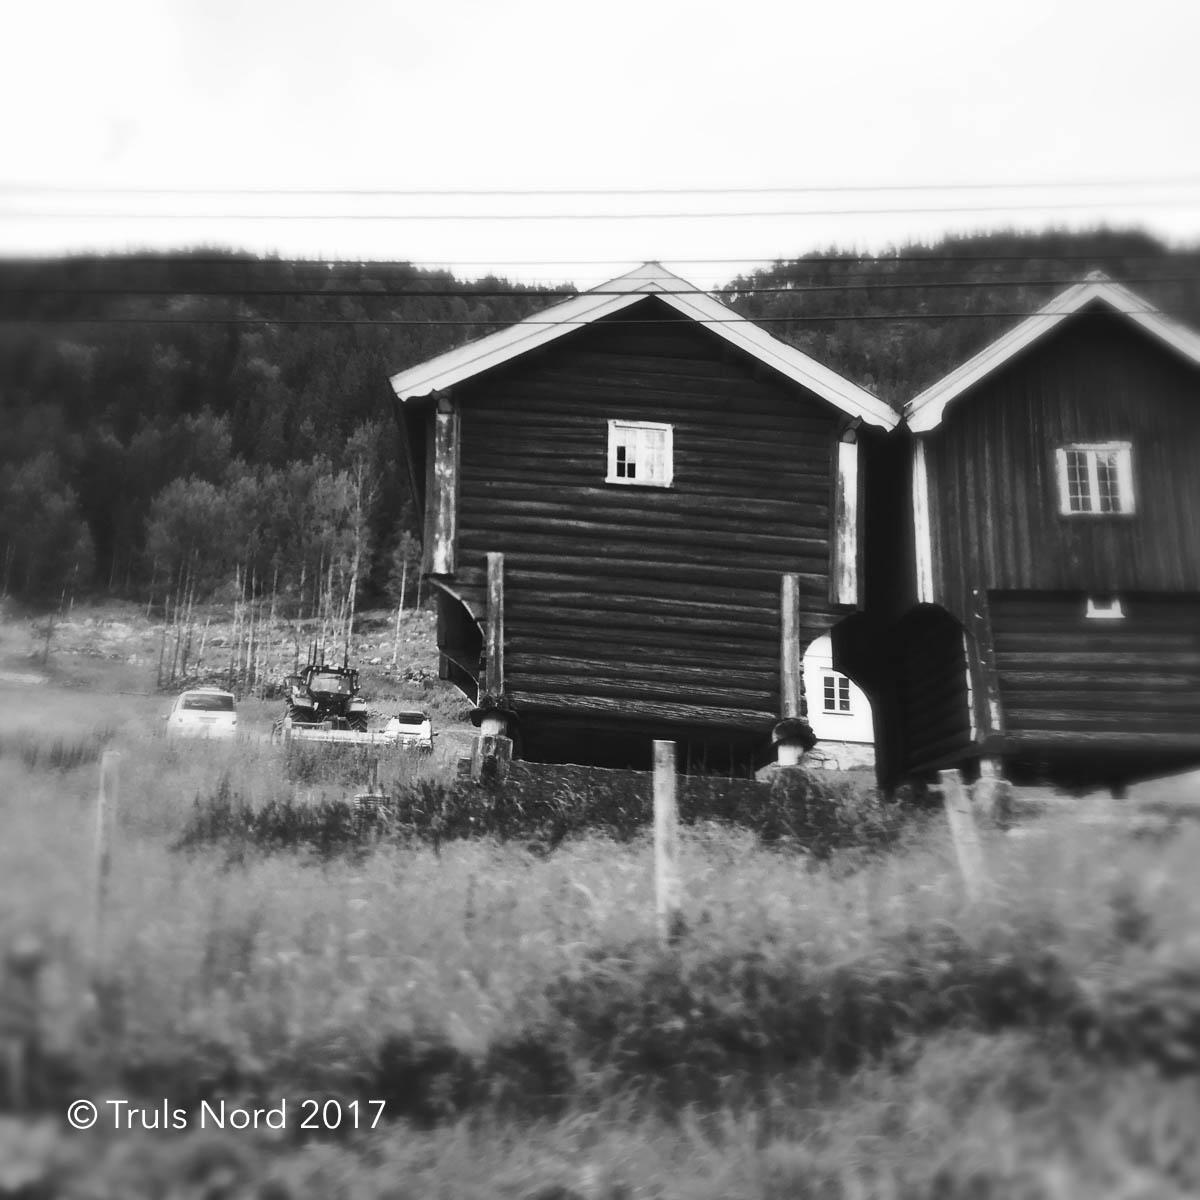 17/7 - Längtan upptill höglandetMilvis upp utan mödaHus och landskapförändras,förenklas, tills vimöter den stora tidenpå Hardangervidda